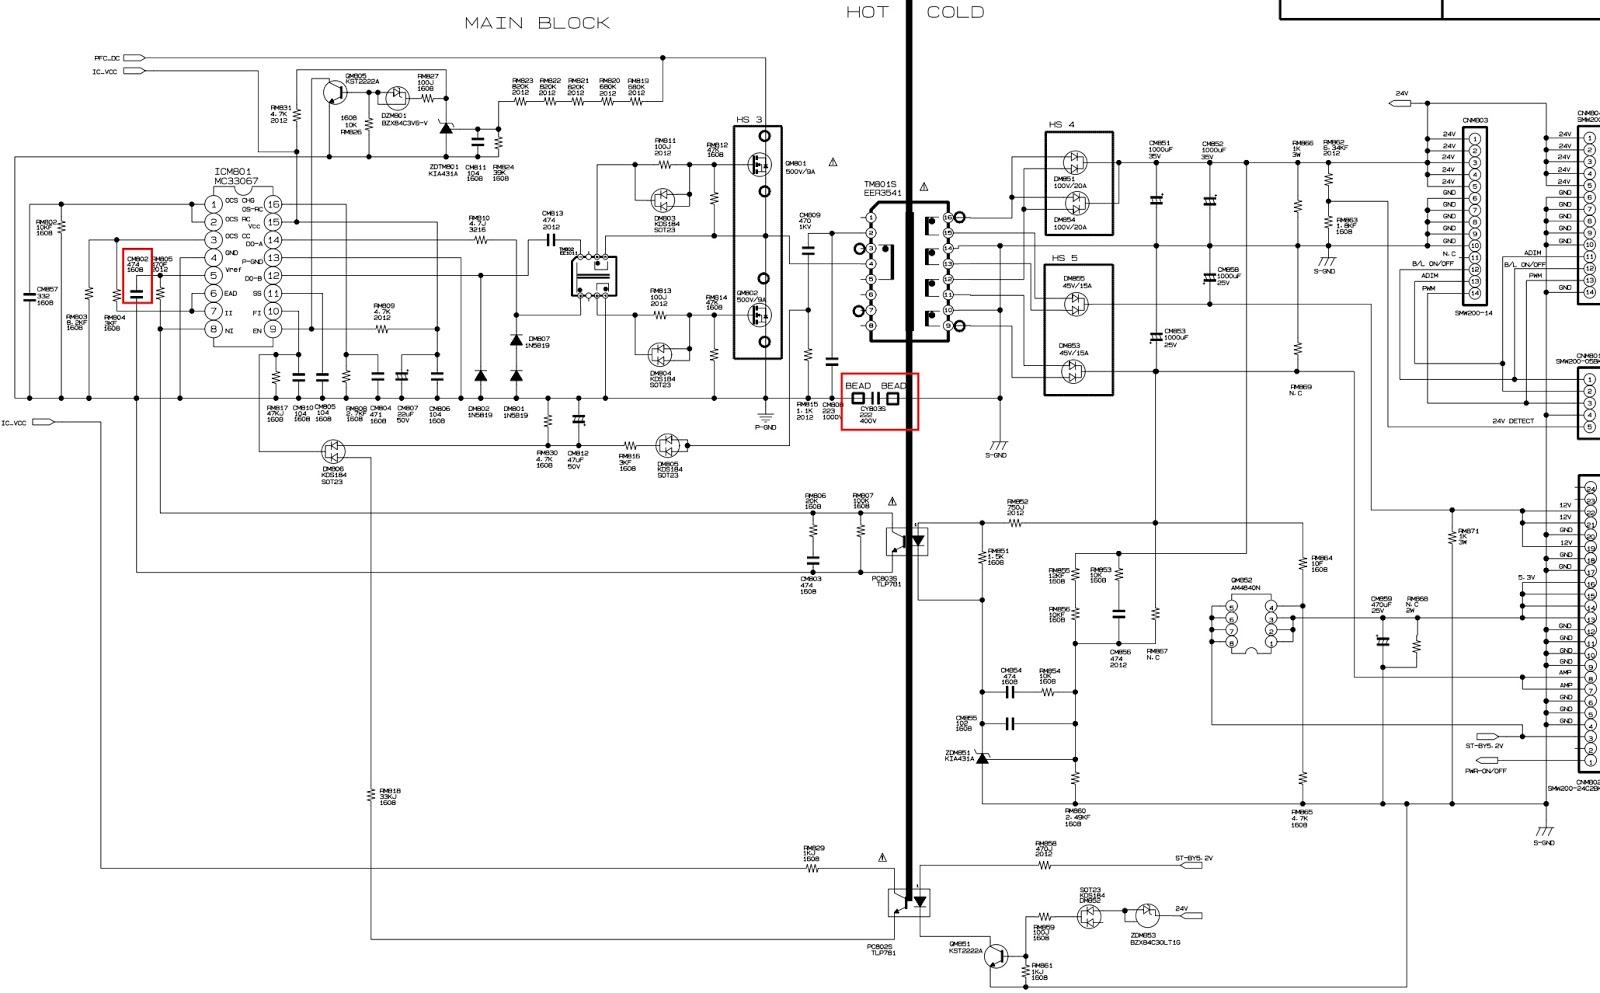 Electro Help  Bn44-00216a - Samsung Le32b530p7n  U2013 Le37a552p3r